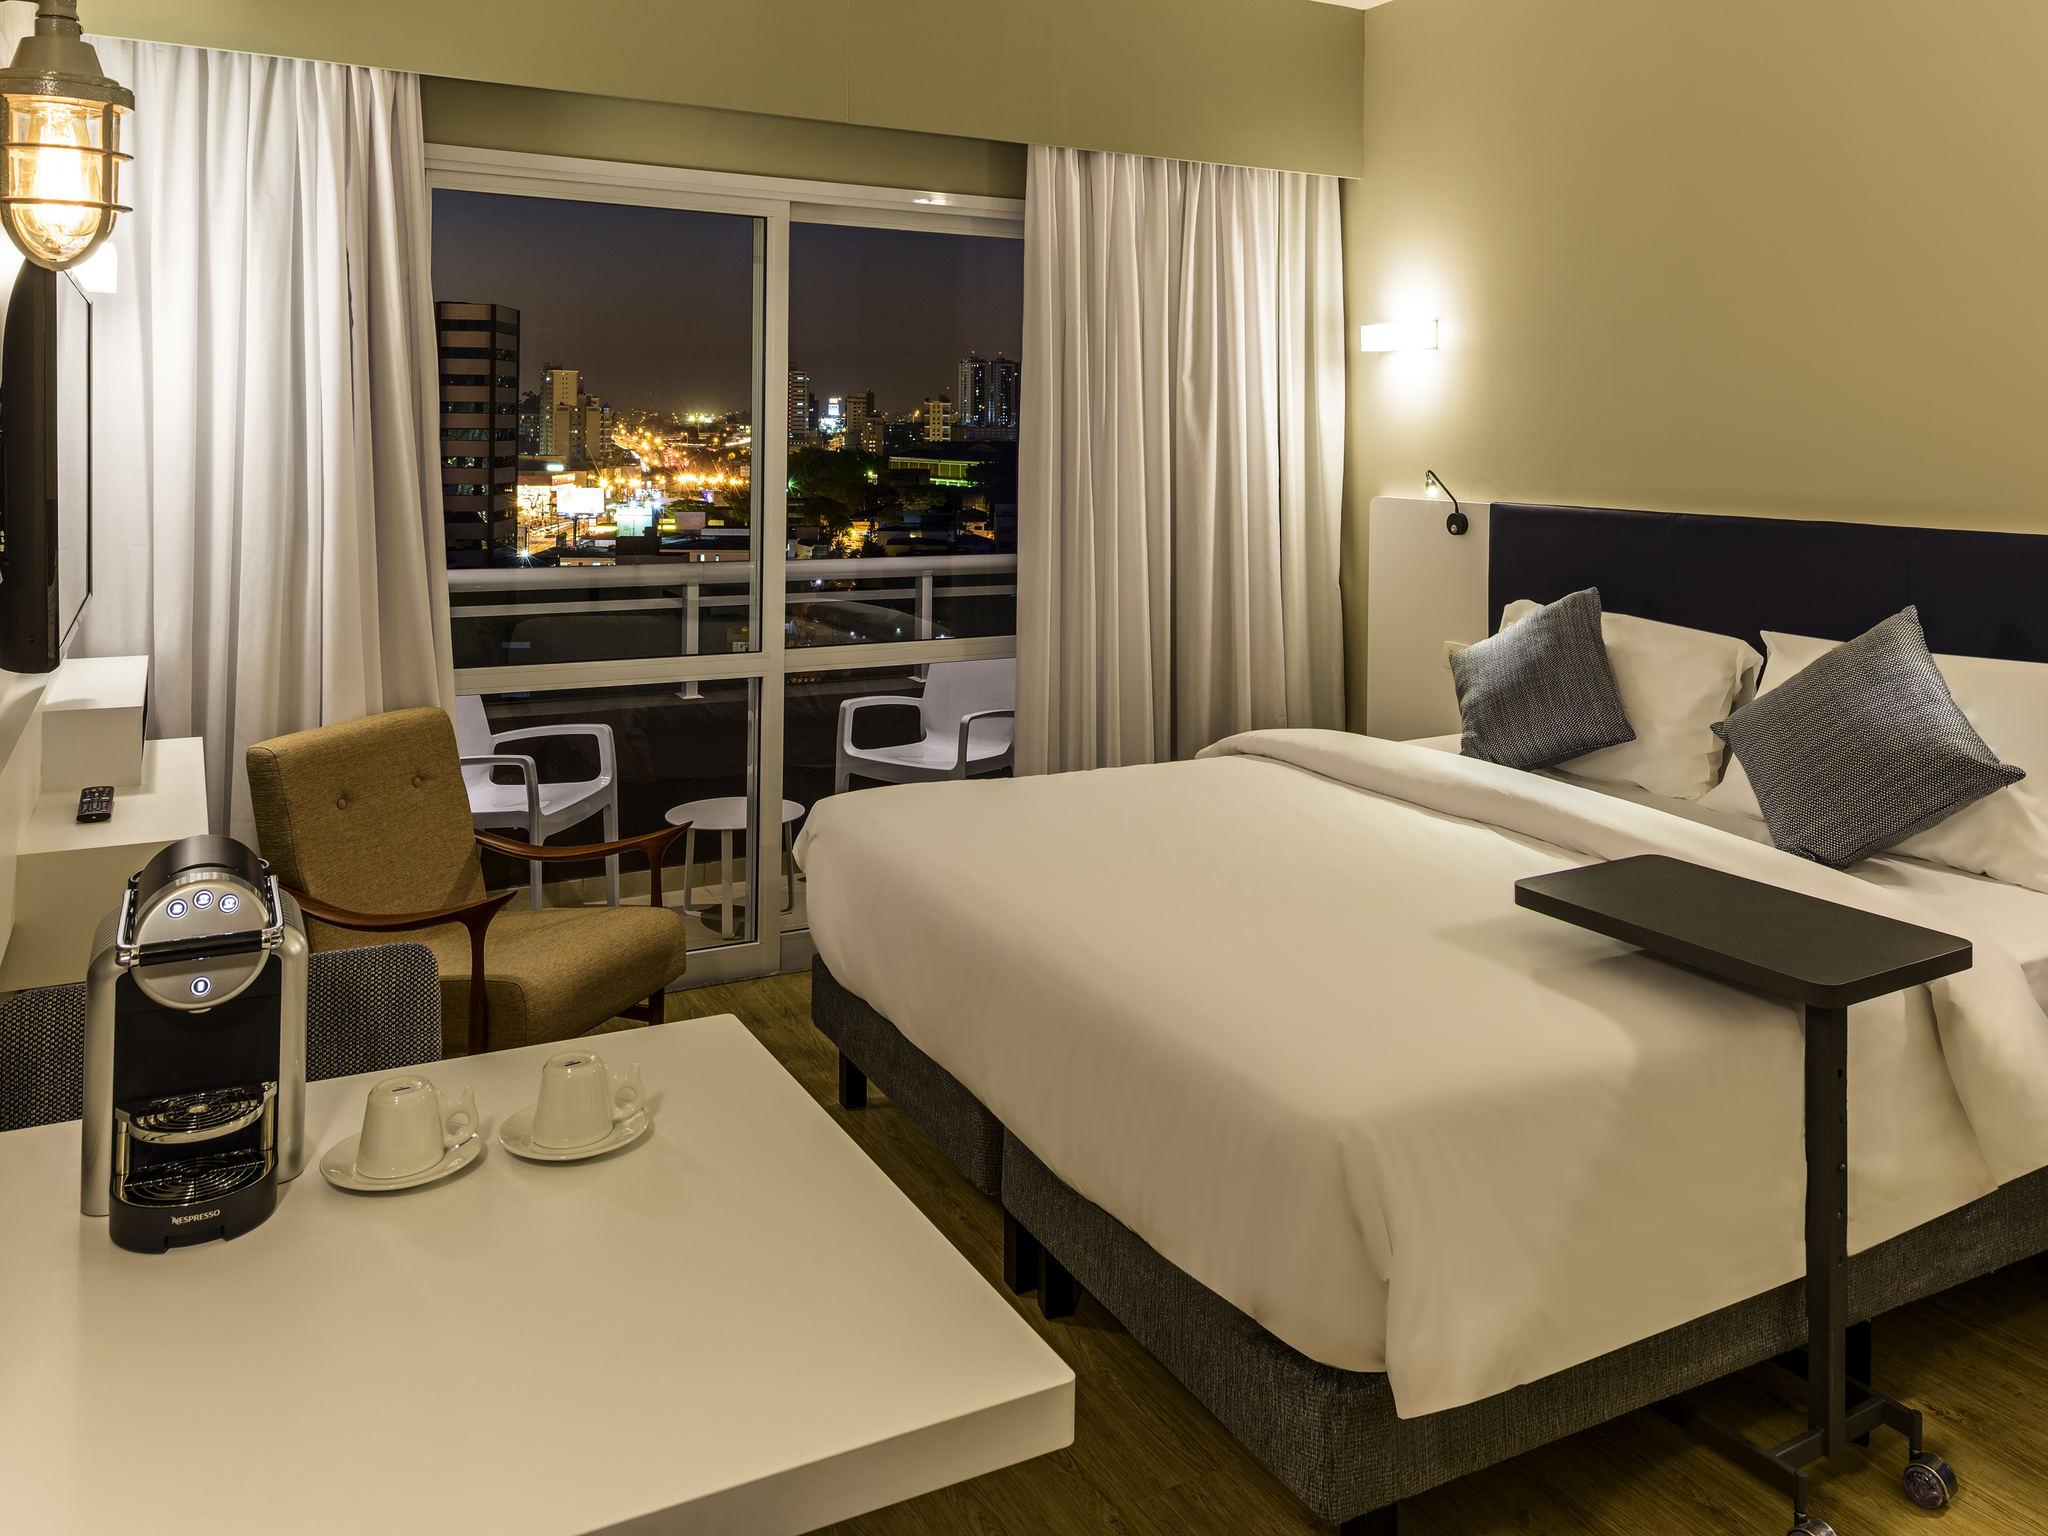 Hotel – Hotel de apartamentos Adagio São Bernardo Do Campo